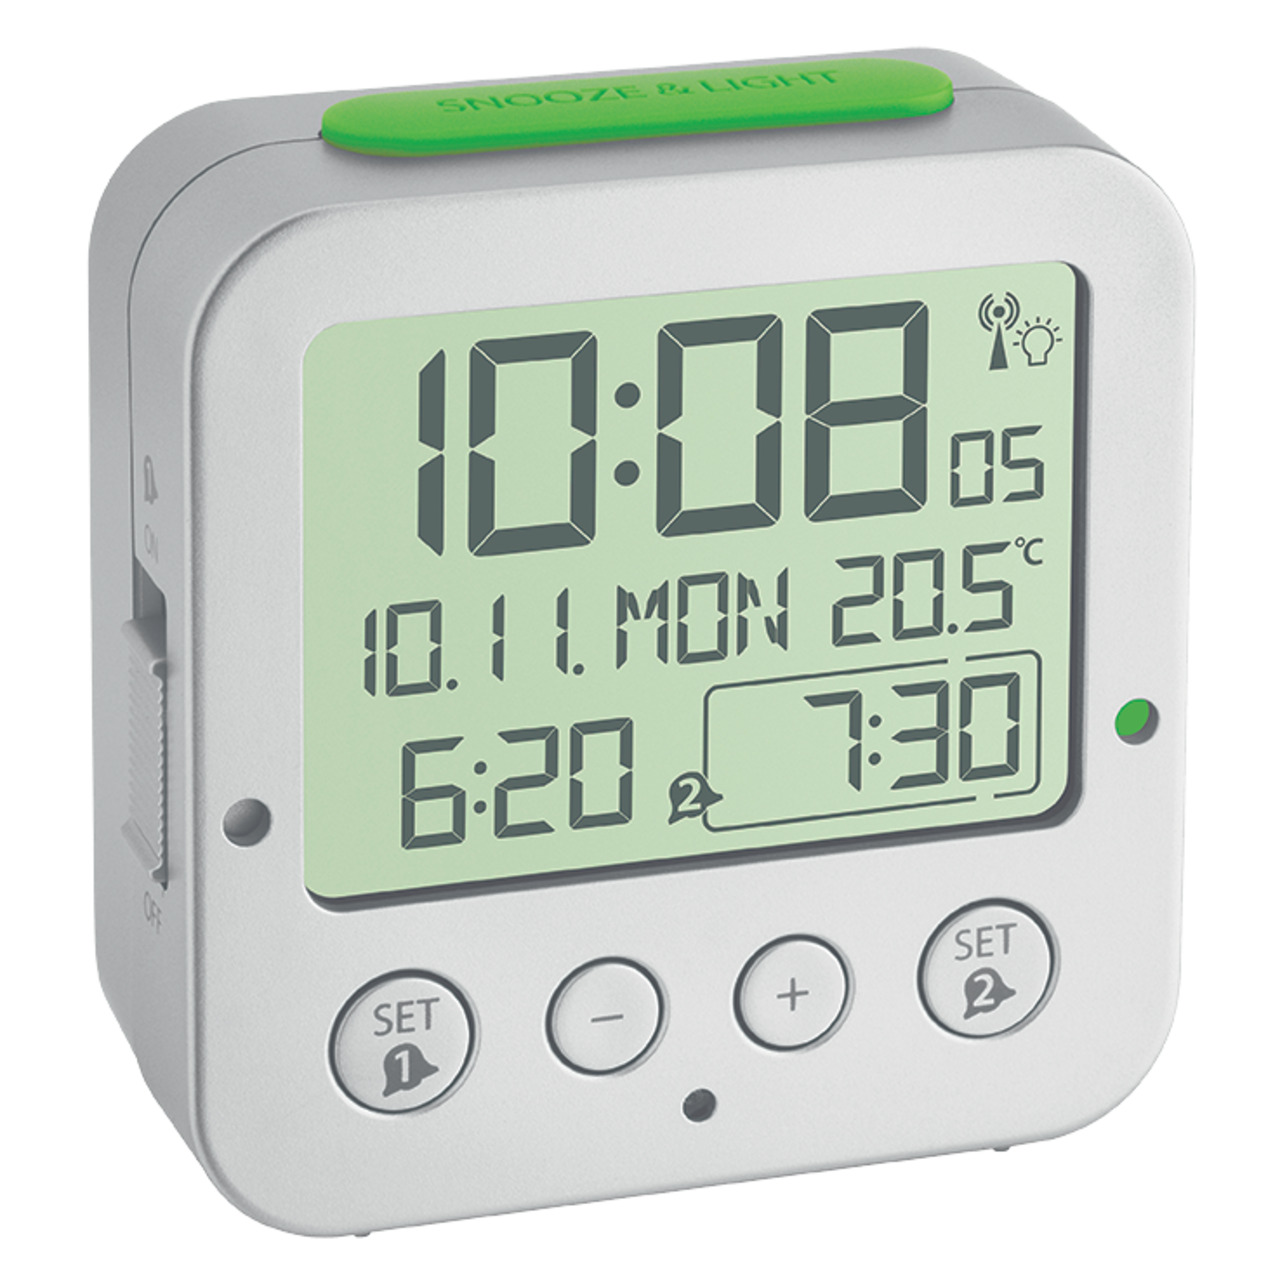 TFA Funk-Wecker mit Temperaturanzeige- automatische Displaybeleuchtung- 2 Weckzeiten einstellbar